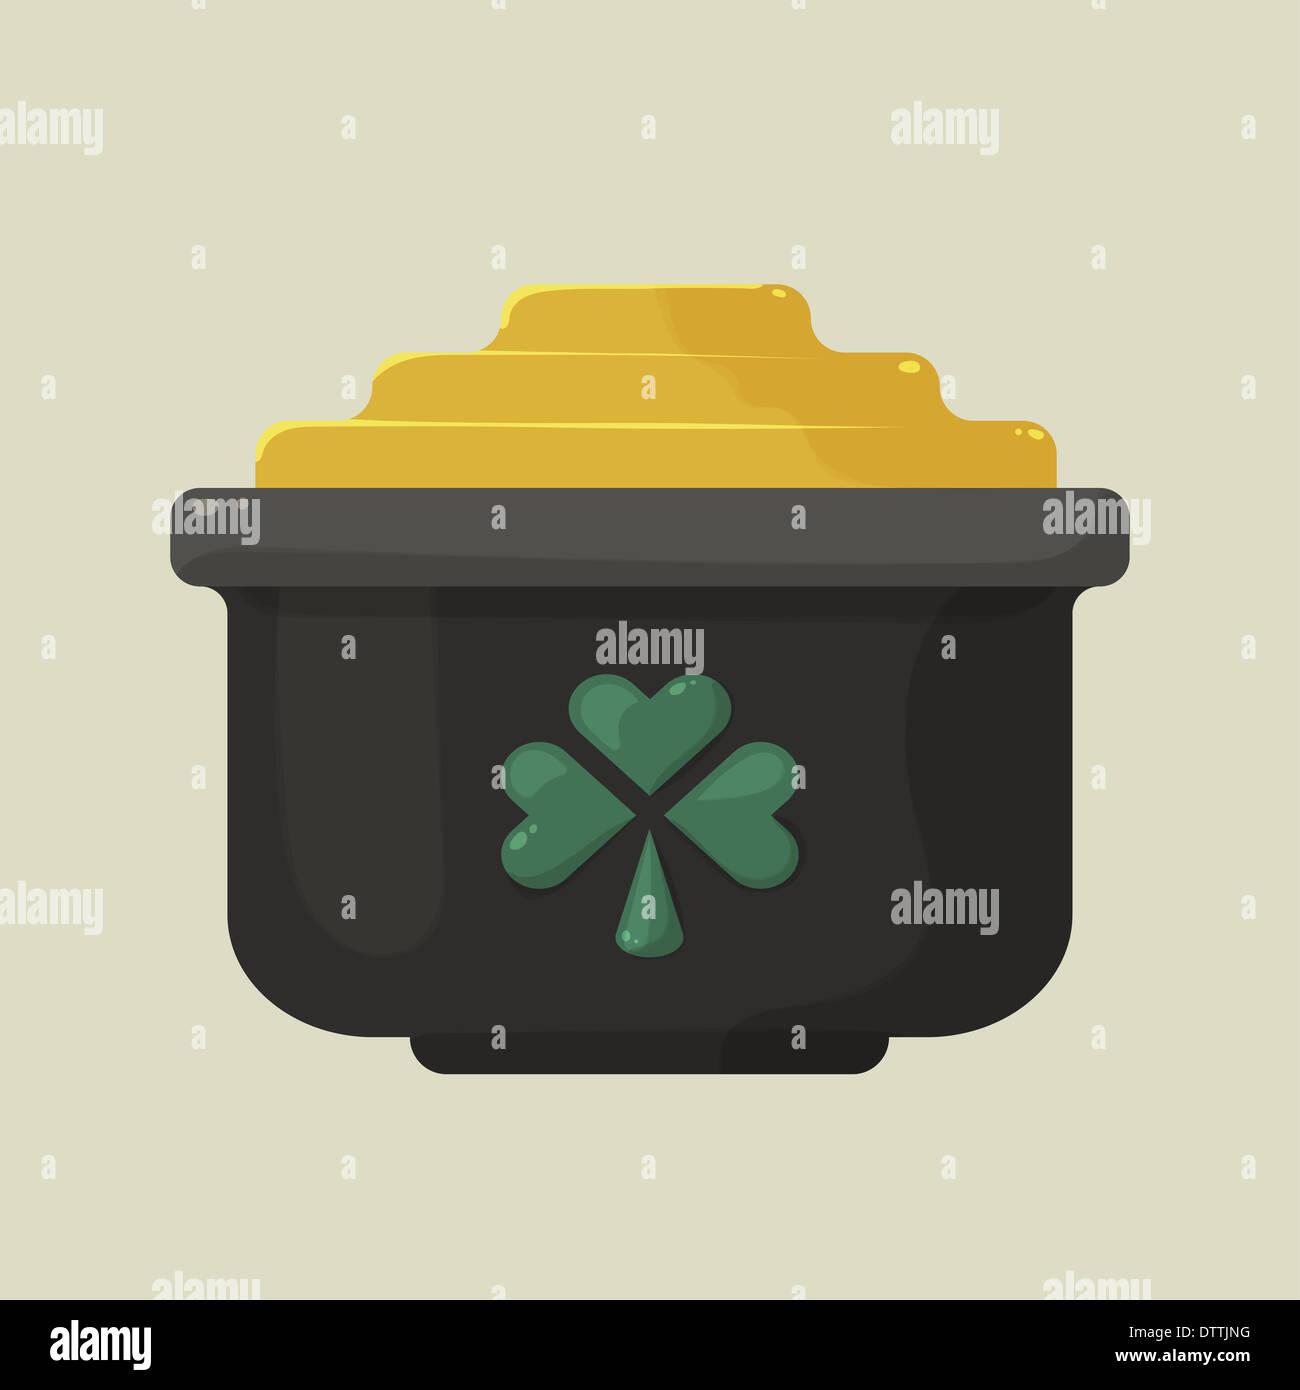 Stilizzata shiny cartoon pentola d'oro con una verde shamrock Immagini Stock